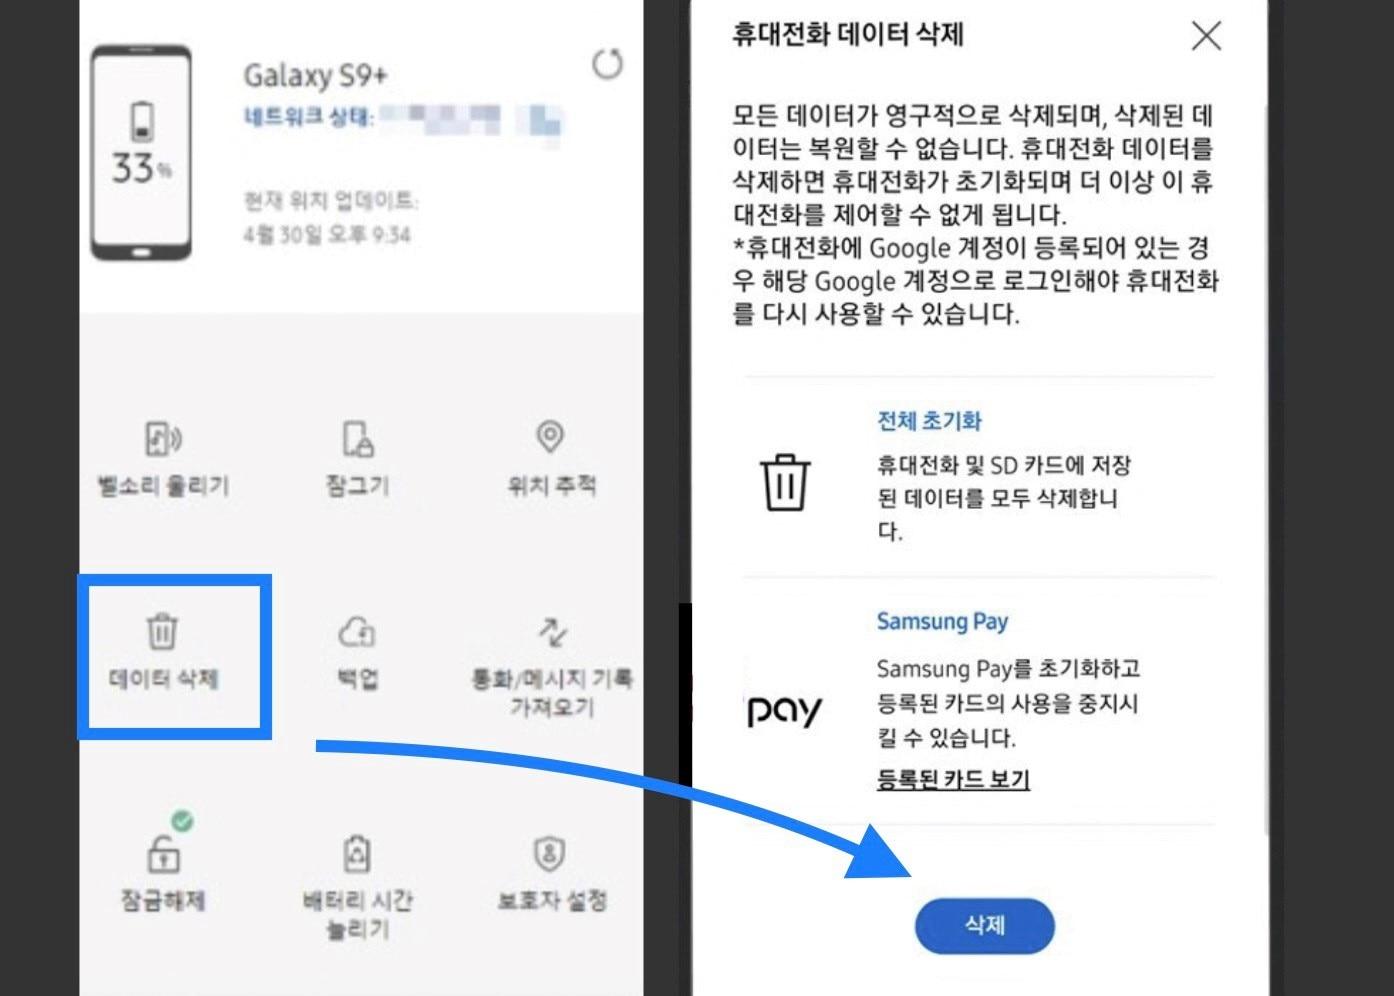 7.삼성 디바이스 찾기 기능 휴대폰 잠그기 기능으로 개인정보 보호하기